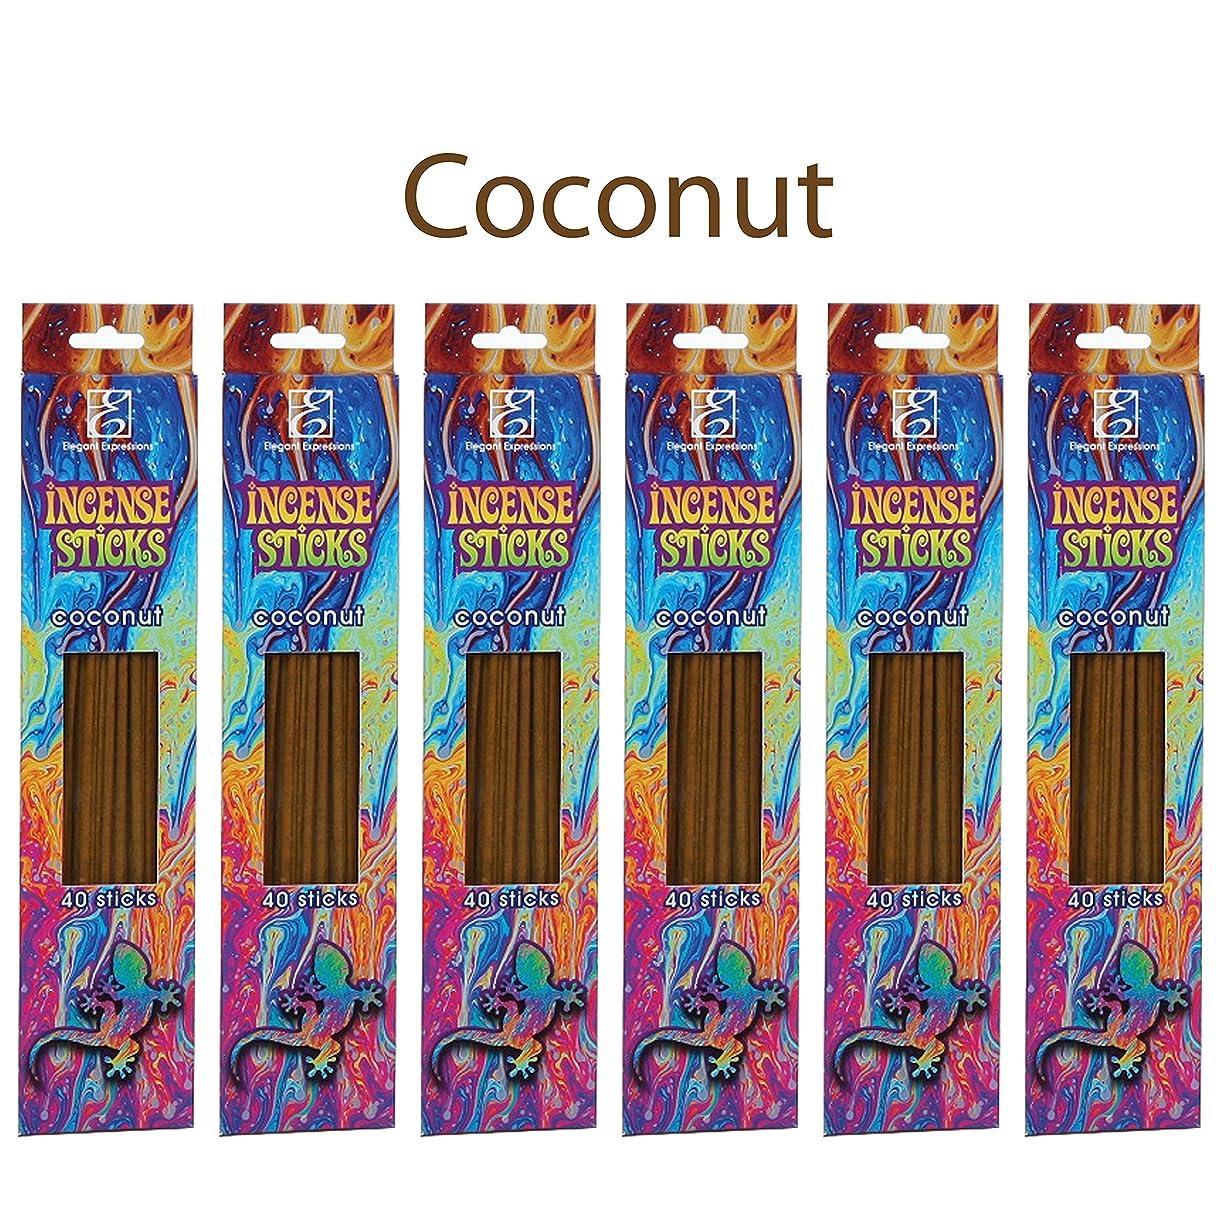 召集する素晴らしい良い多くのキャラバンHosley 's Highly Fragranced Coconut Incense Sticks 240パック。手Fragranced、Infused with Essential Oils。理想的なギフト、ウェディング、イベント、アロマセラピー、Spa,レイキ、瞑想、浴室設定o6